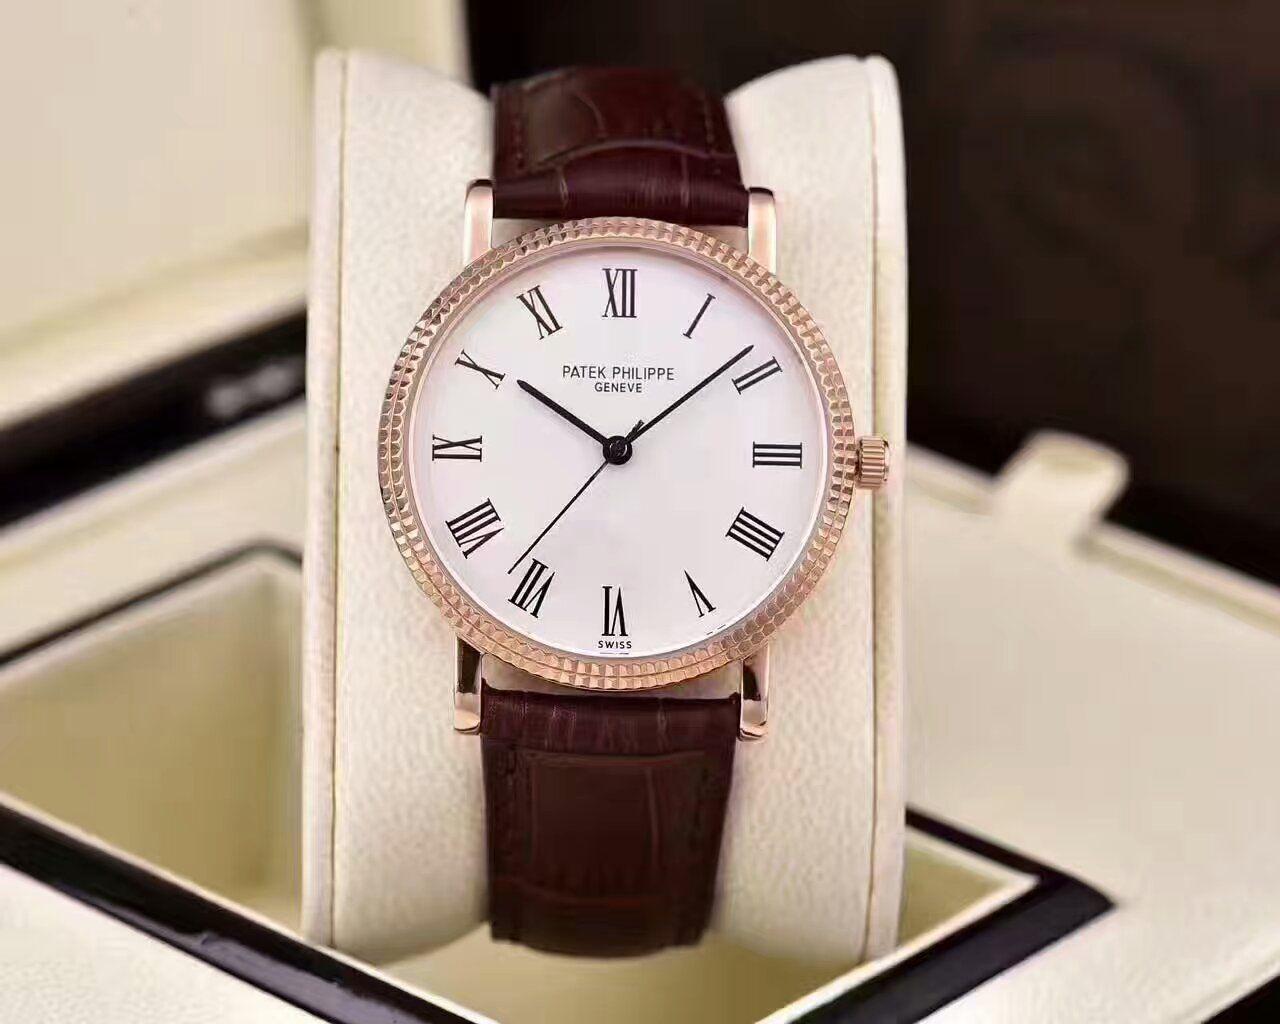 【HK厂一比一精仿手表】百达翡丽古典表系列5120G-001腕表